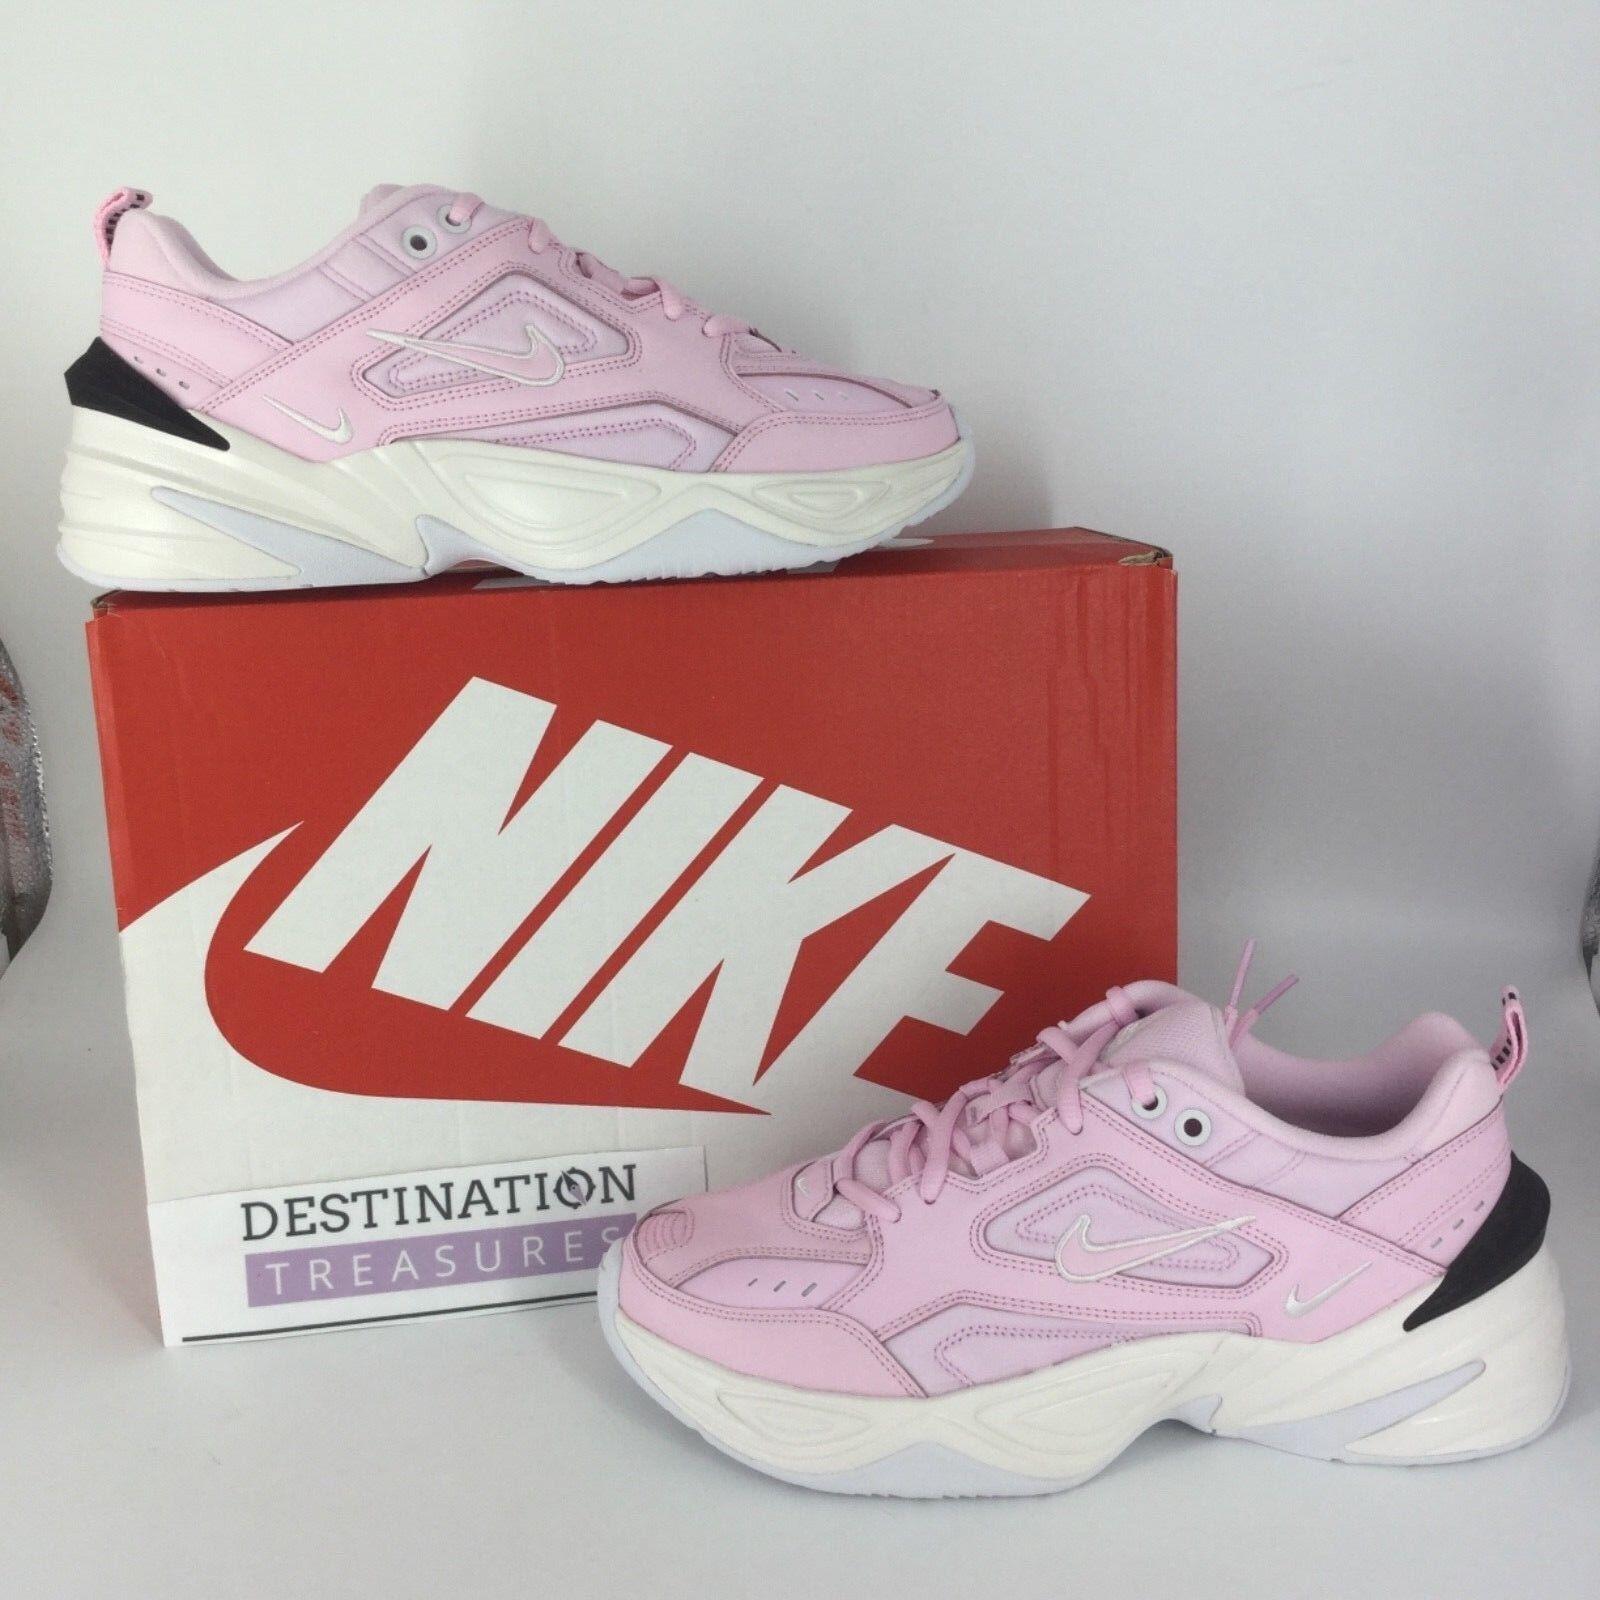 Nike m2k tekno scarpe rosa le dimensioni pennino ao3108 600 (uomo numero 7)